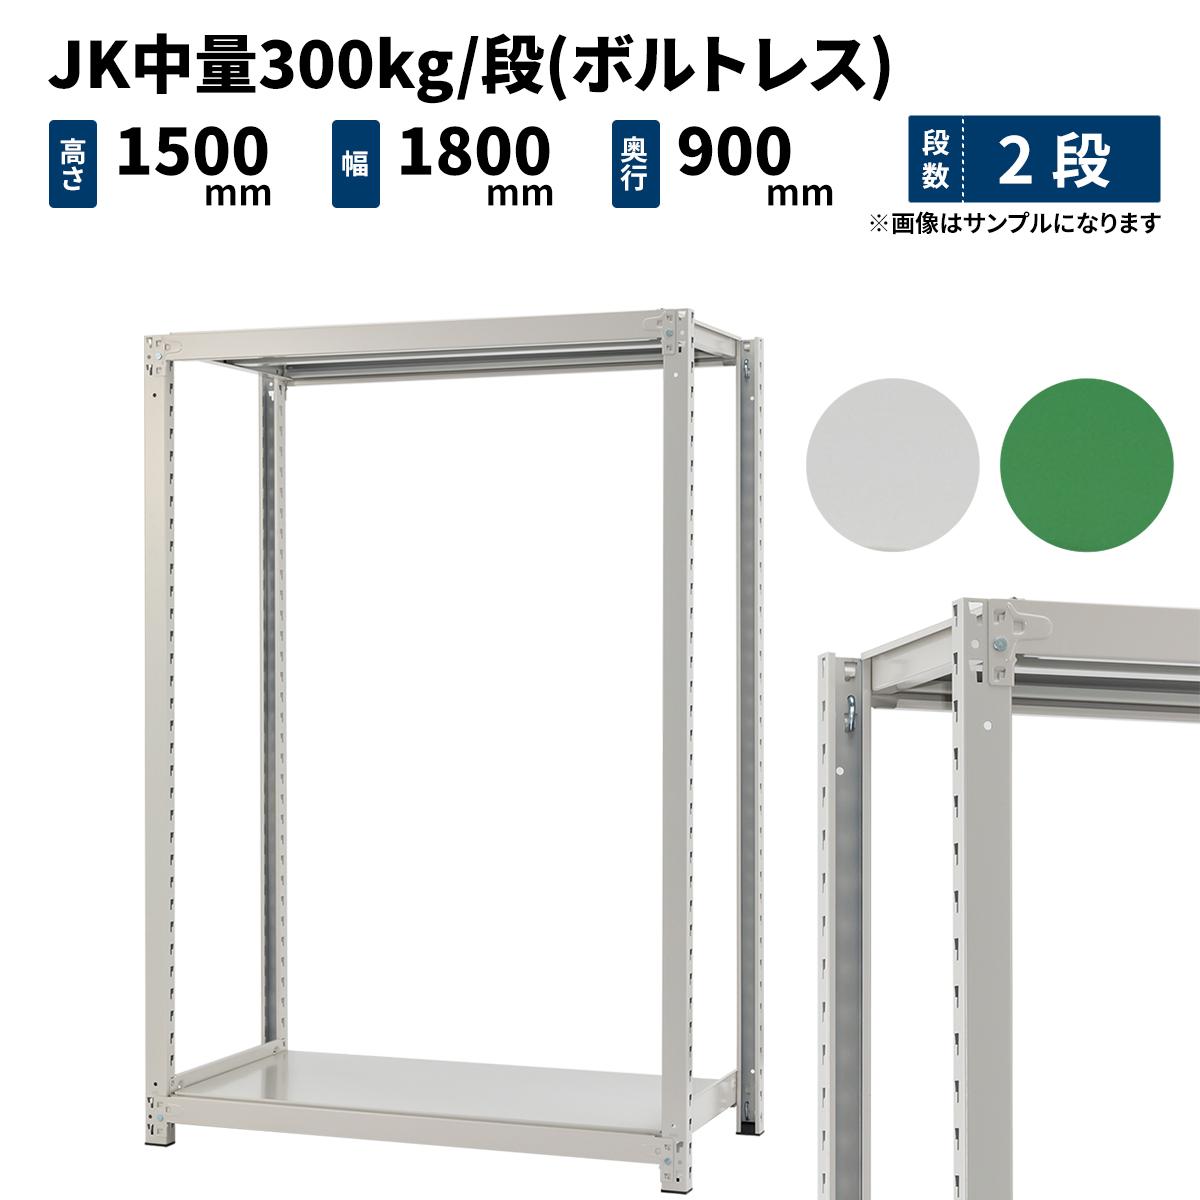 スチールラック 業務用 JK中量300kg/段(ボルトレス) 単体形式 高さ1500×幅1800×奥行900mm 2段 ホワイトグレー/グリーン (67kg) JK300_T-151809-2